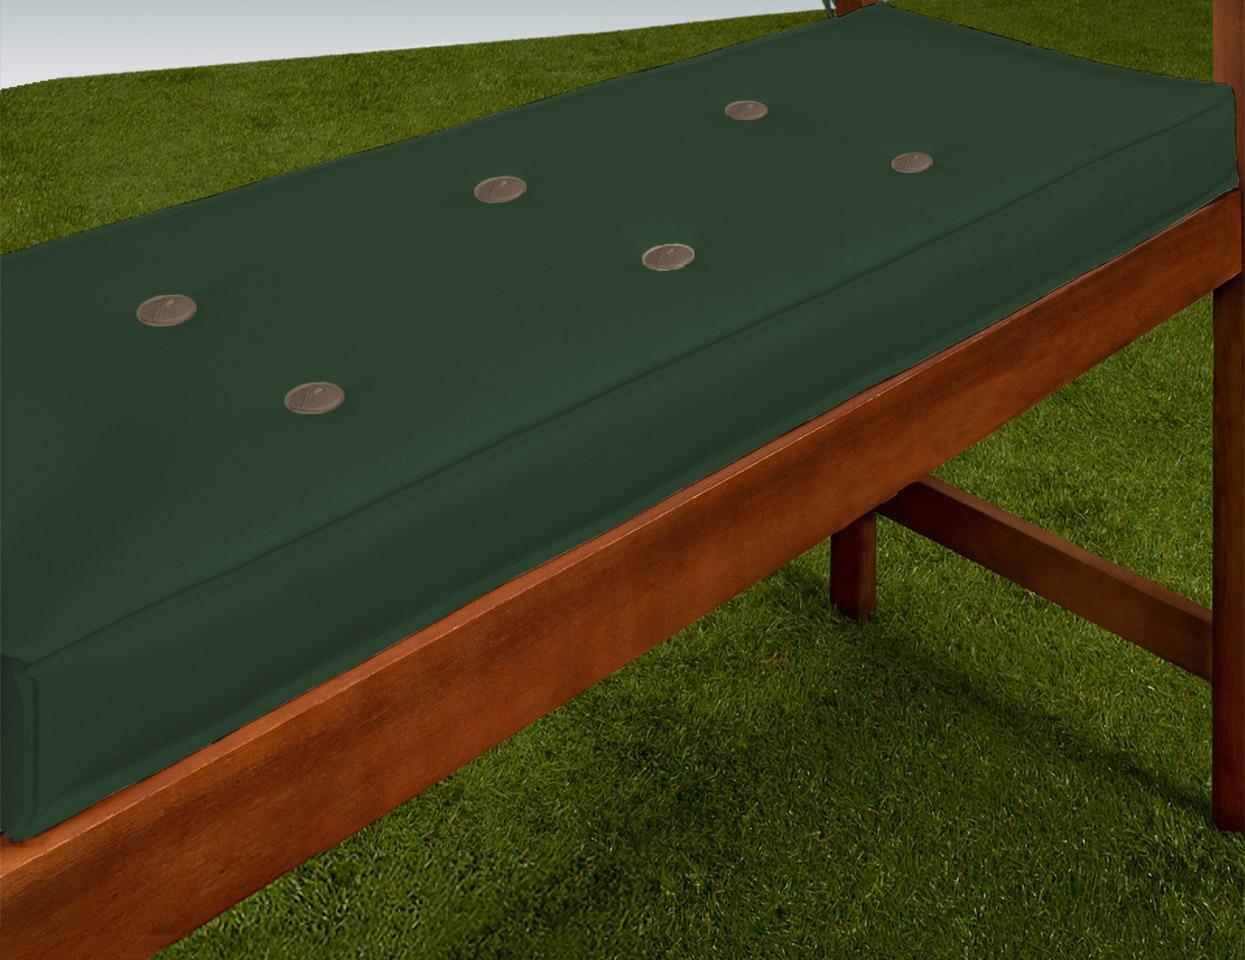 detex sitzpolster bankauflage gartenbank auflage bankkissen polsterauflage ebay. Black Bedroom Furniture Sets. Home Design Ideas